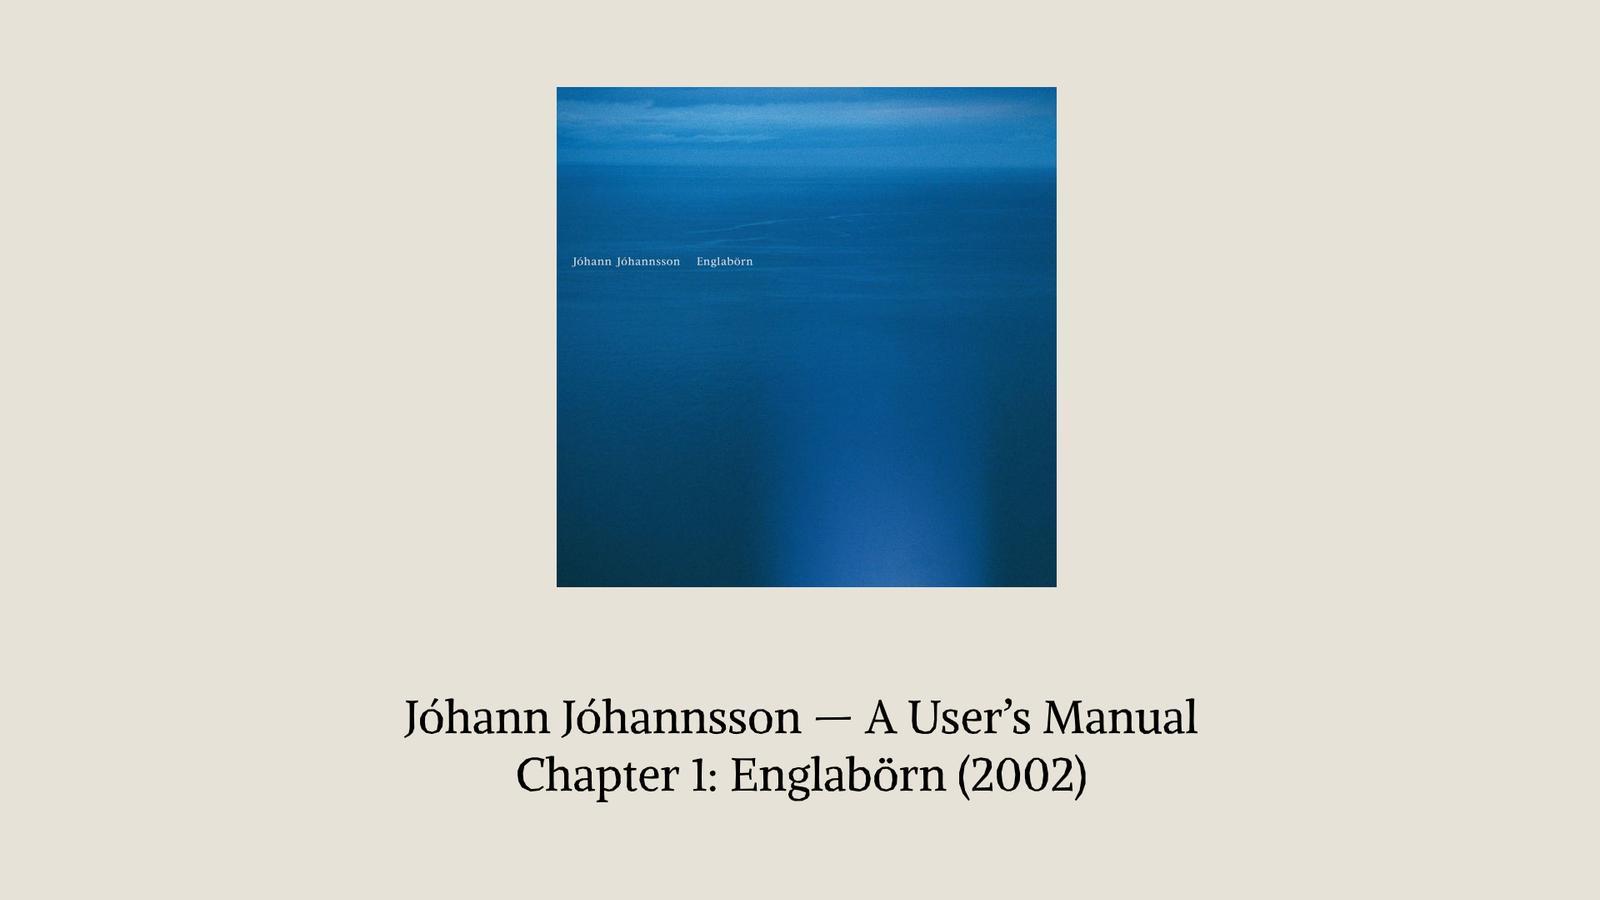 Johann Johannsson User Manual Englabörn lede